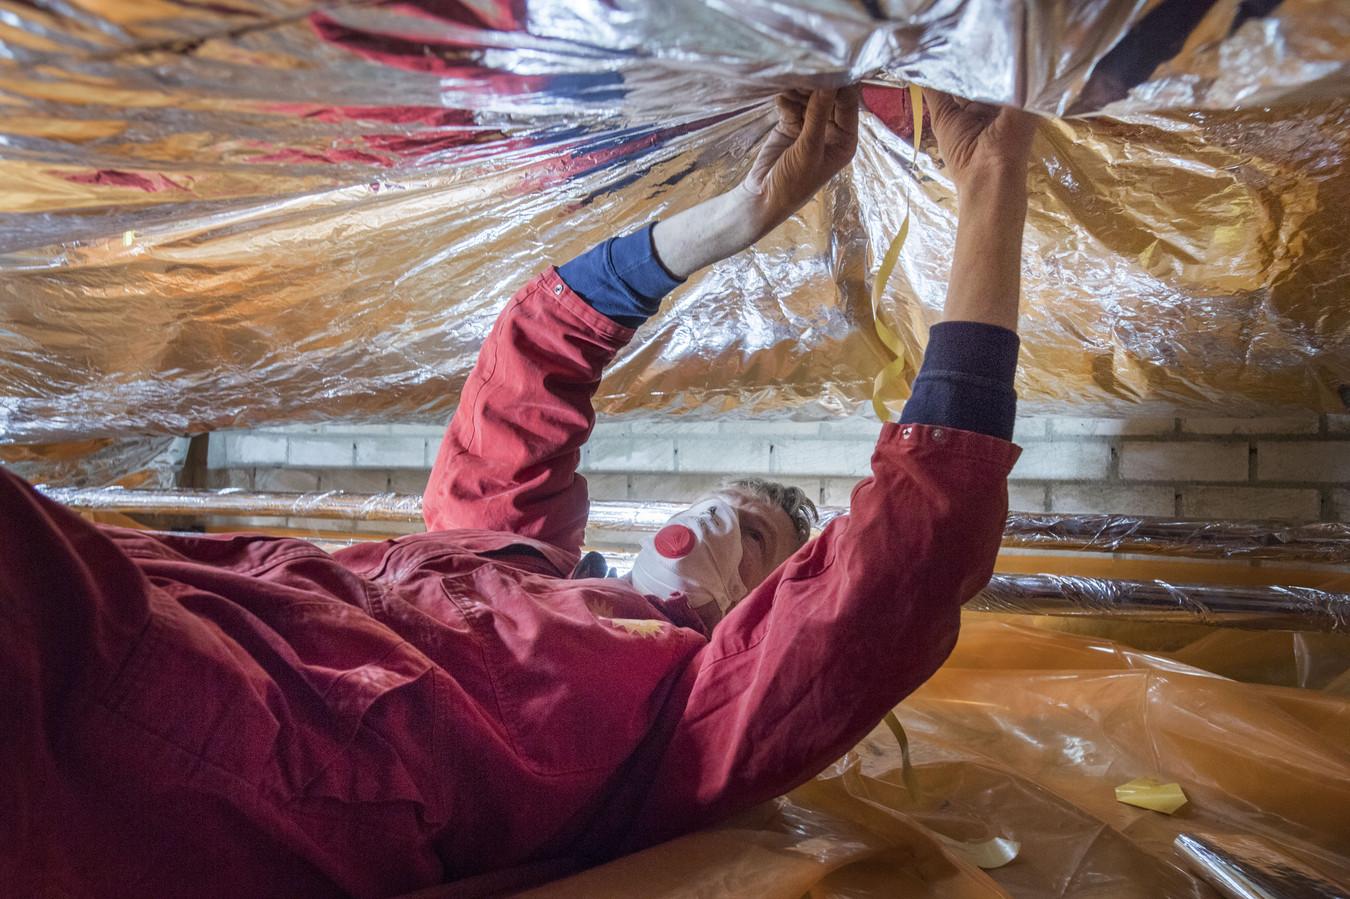 Het isoleren van de vloer vanuit de kruipruimte is een van de maatregelen die huiseigenaren kunnen nemen om hun energierekening omlaag te brengen. De investering kan rekenen op subsidie van de rijksoverheid.